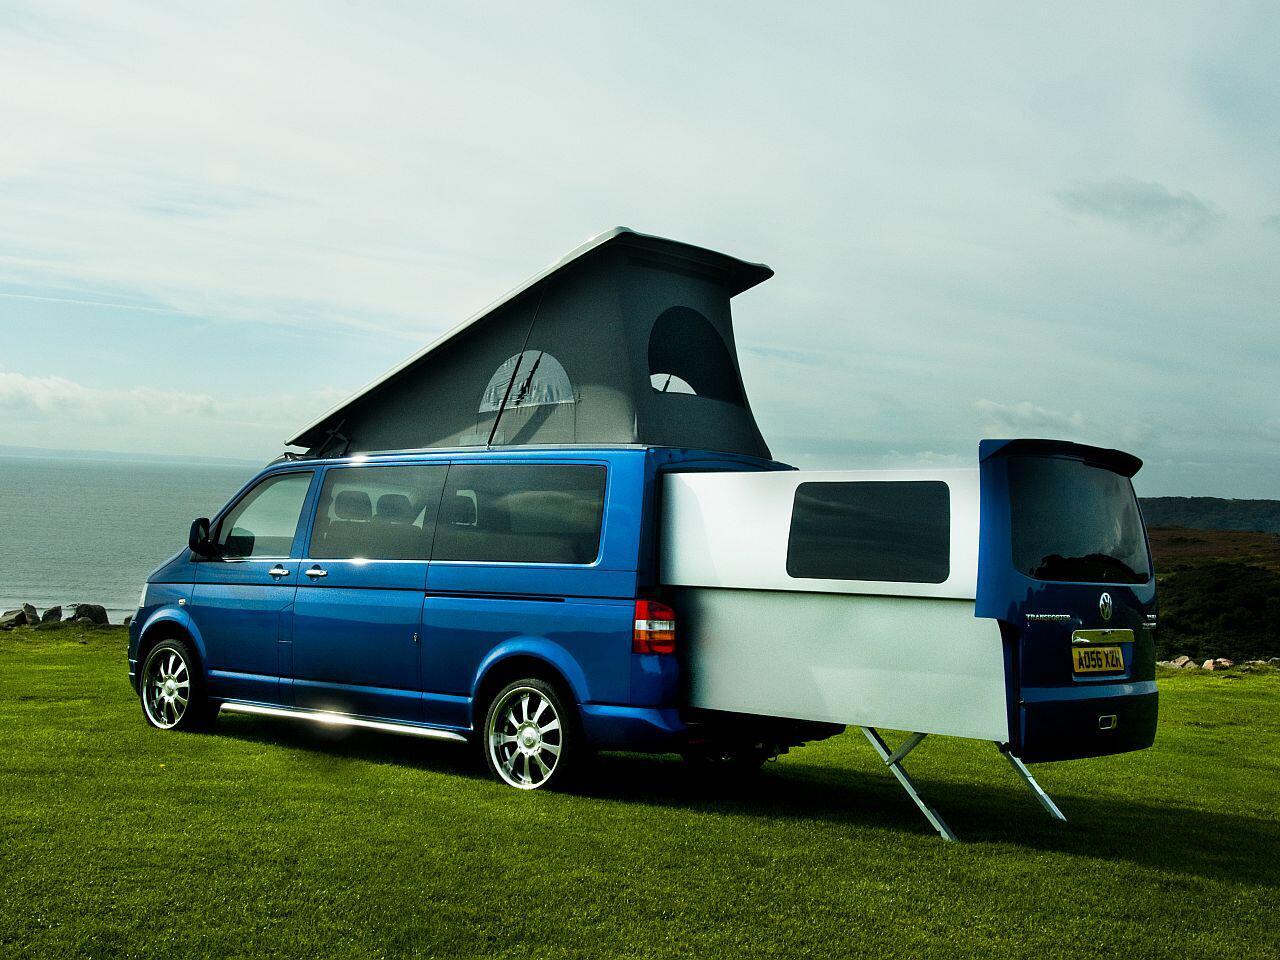 Bild zu VW T5 Doubleback: Ausfahrbare Wohnzelle sorgt für doppelten Camping-Spaß